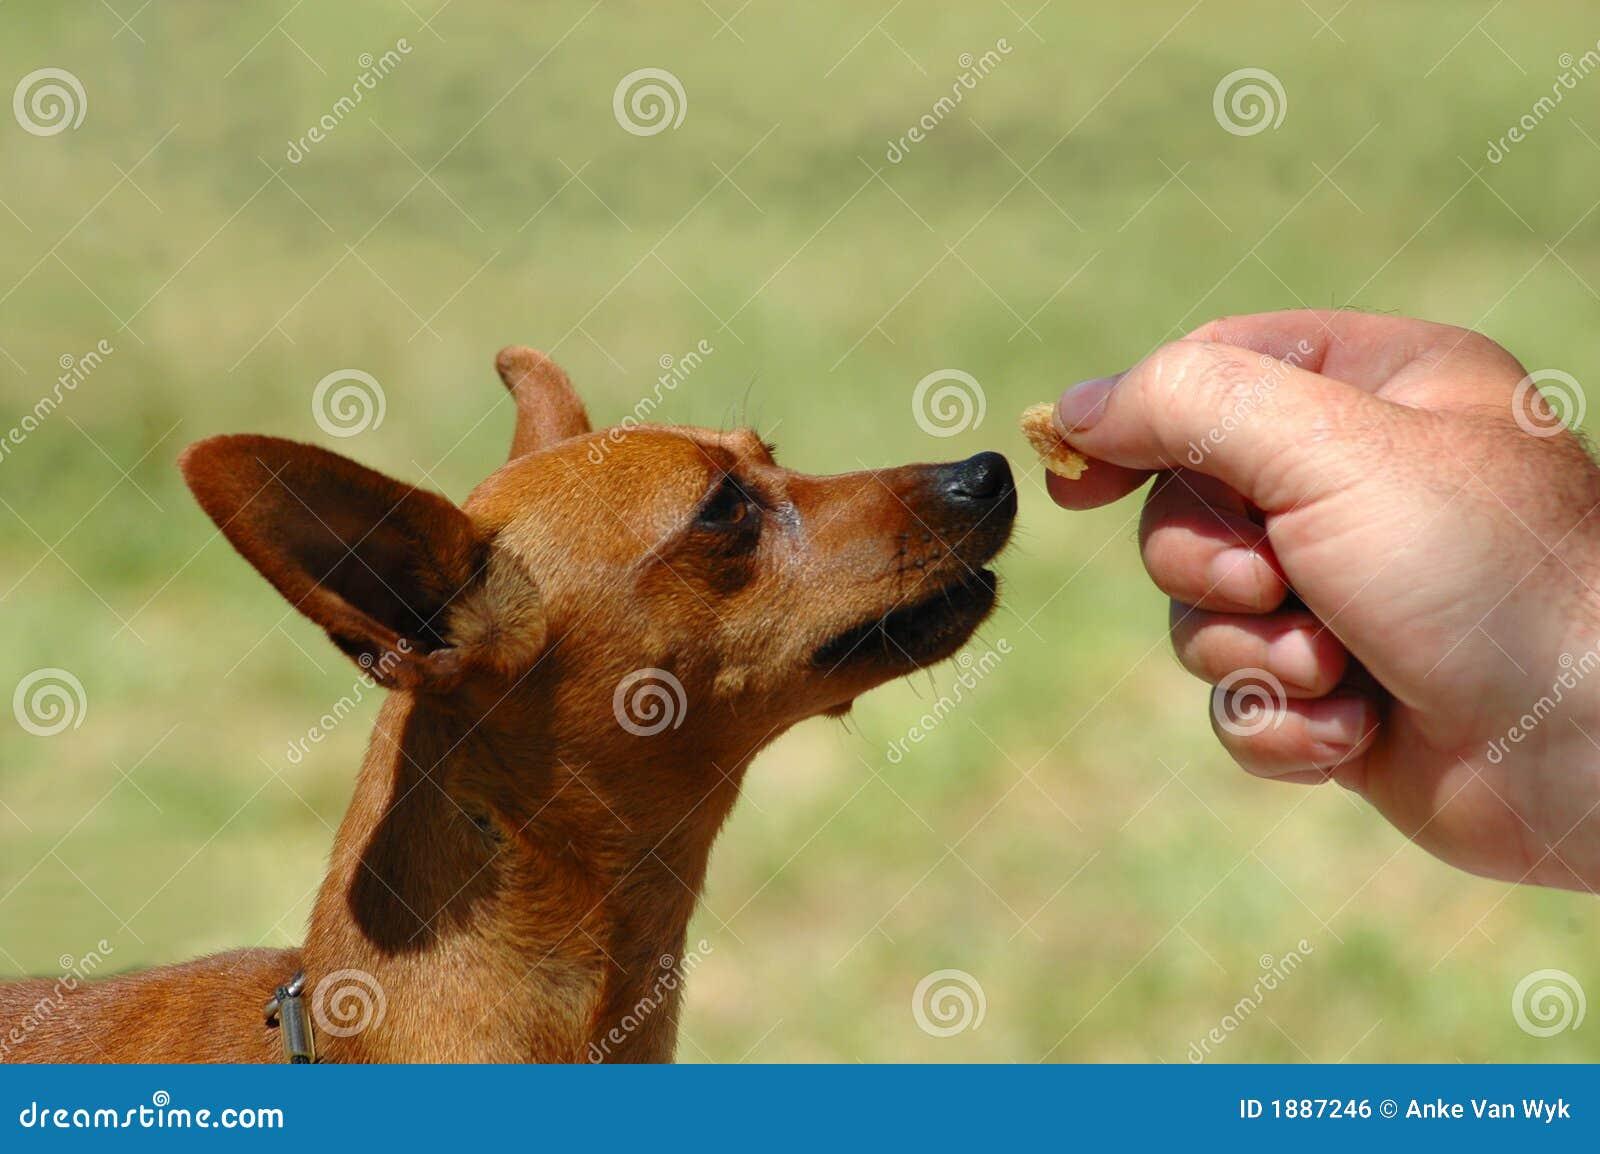 Feeding a dog